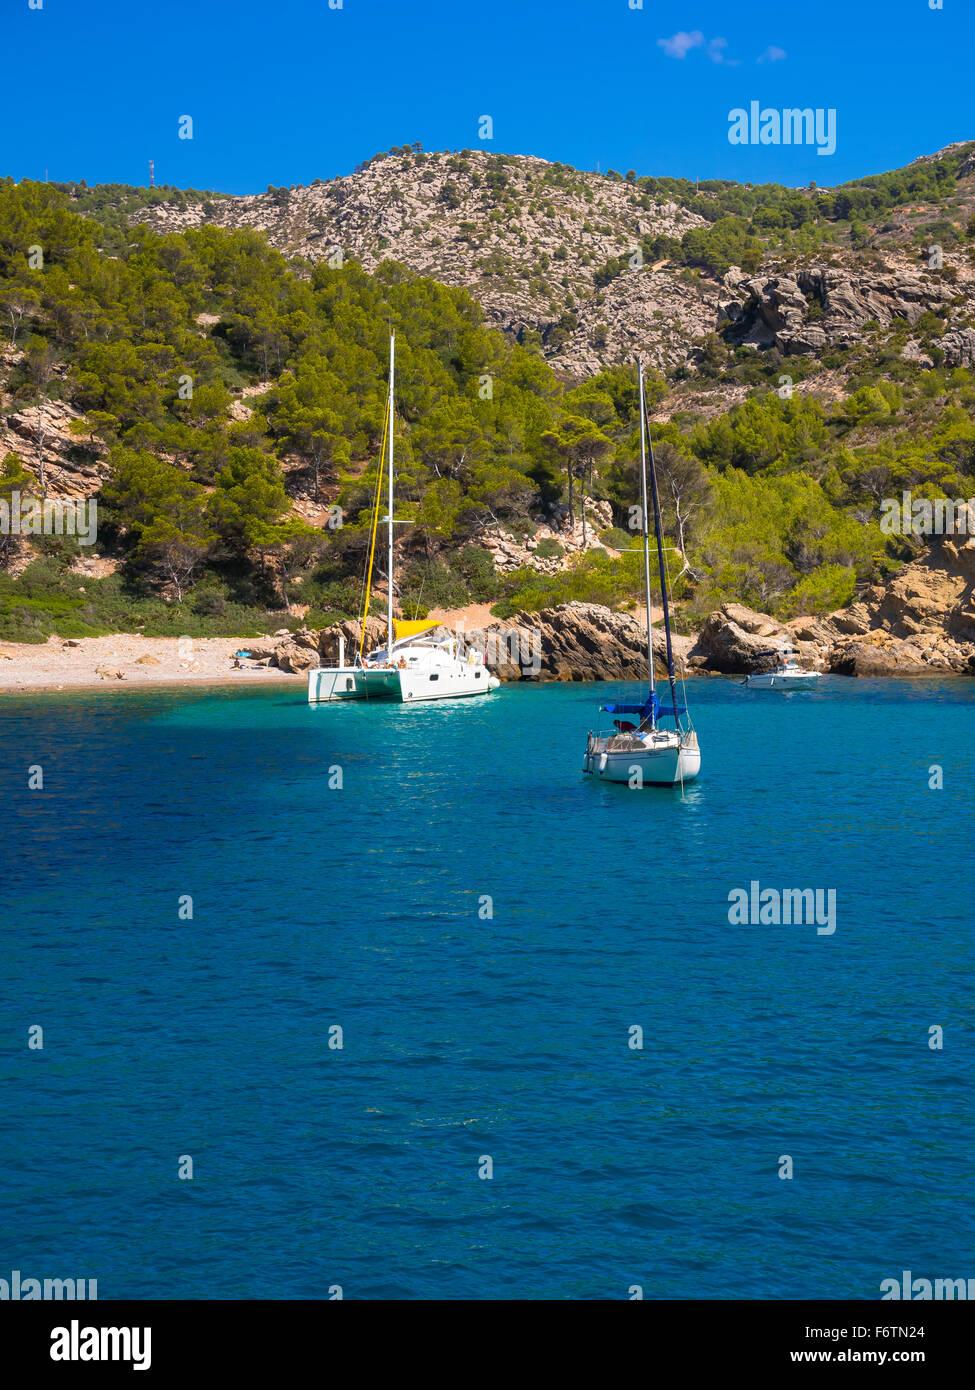 Spain, Mallorca, Region Andratx, Punta de Sa Dent, beach and boats - Stock Image